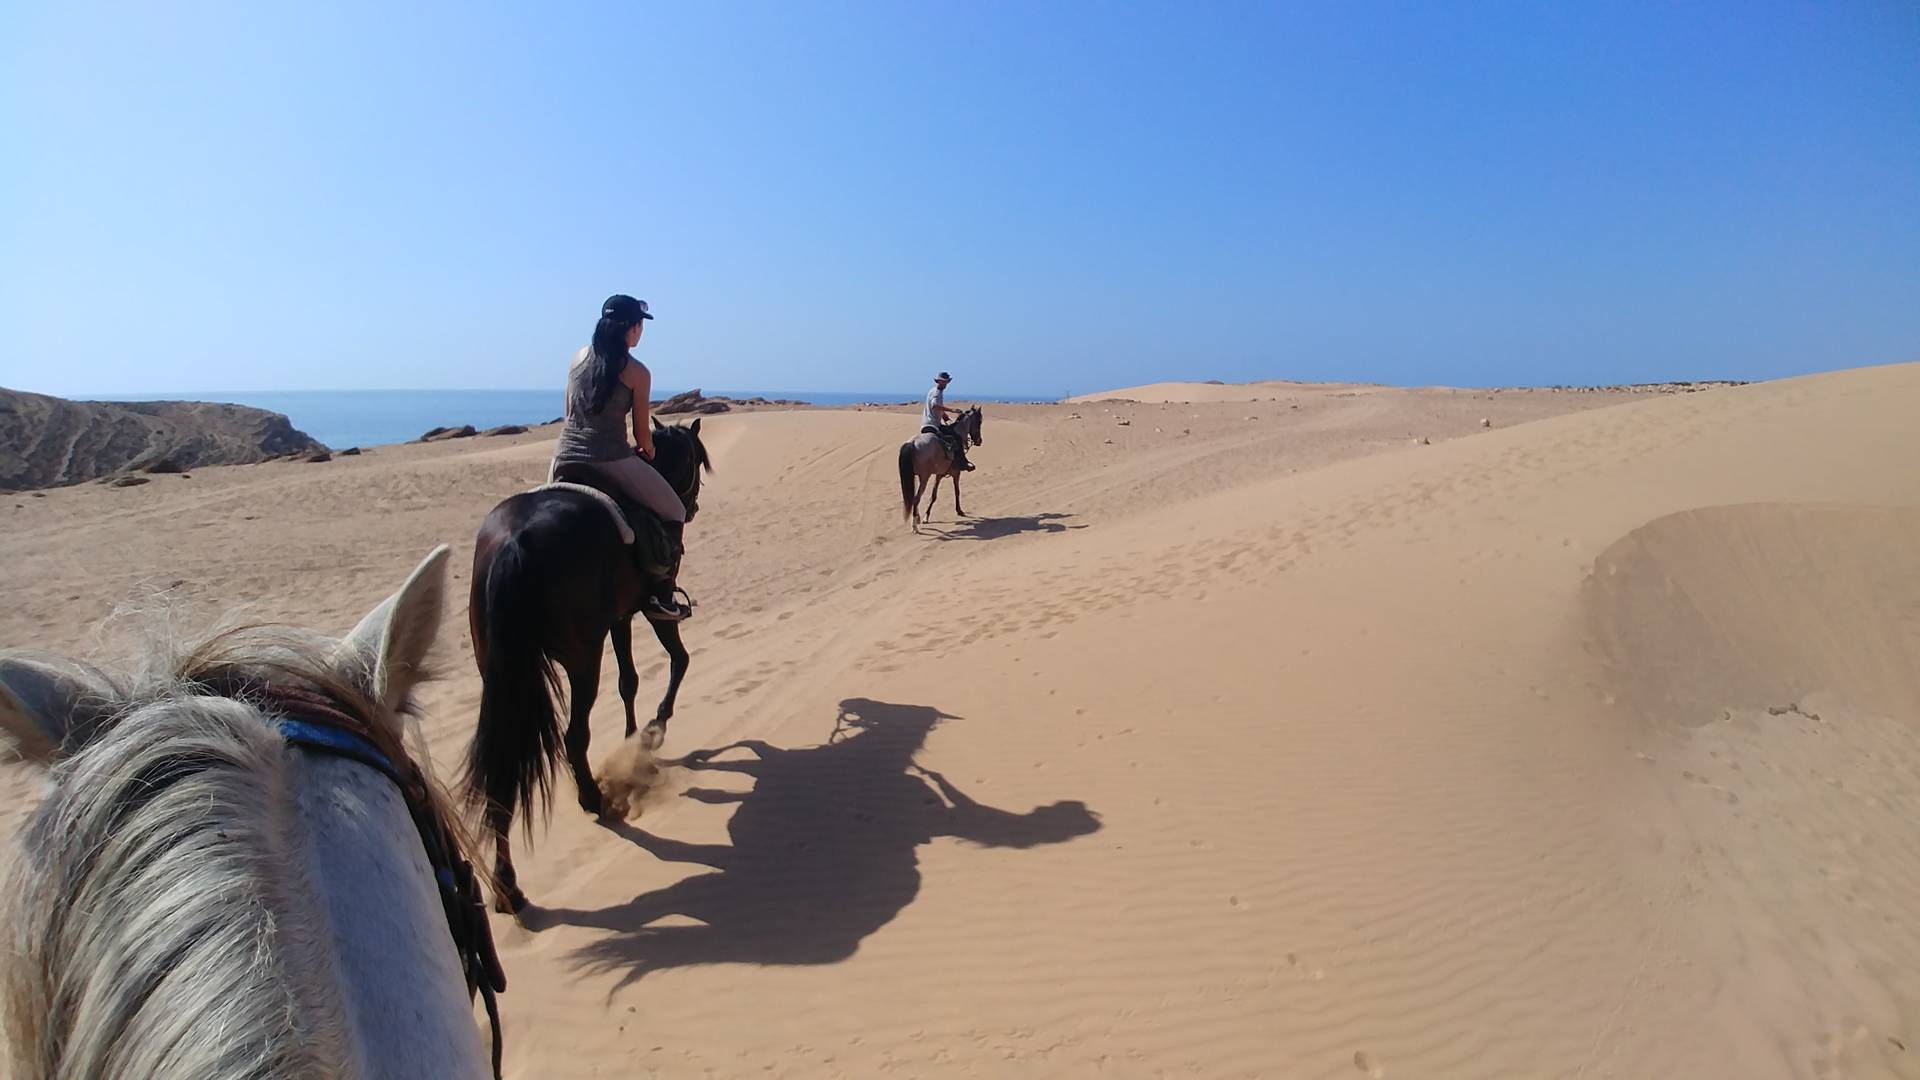 Maroc - Dunes, randonnée à cheval à Essaouira